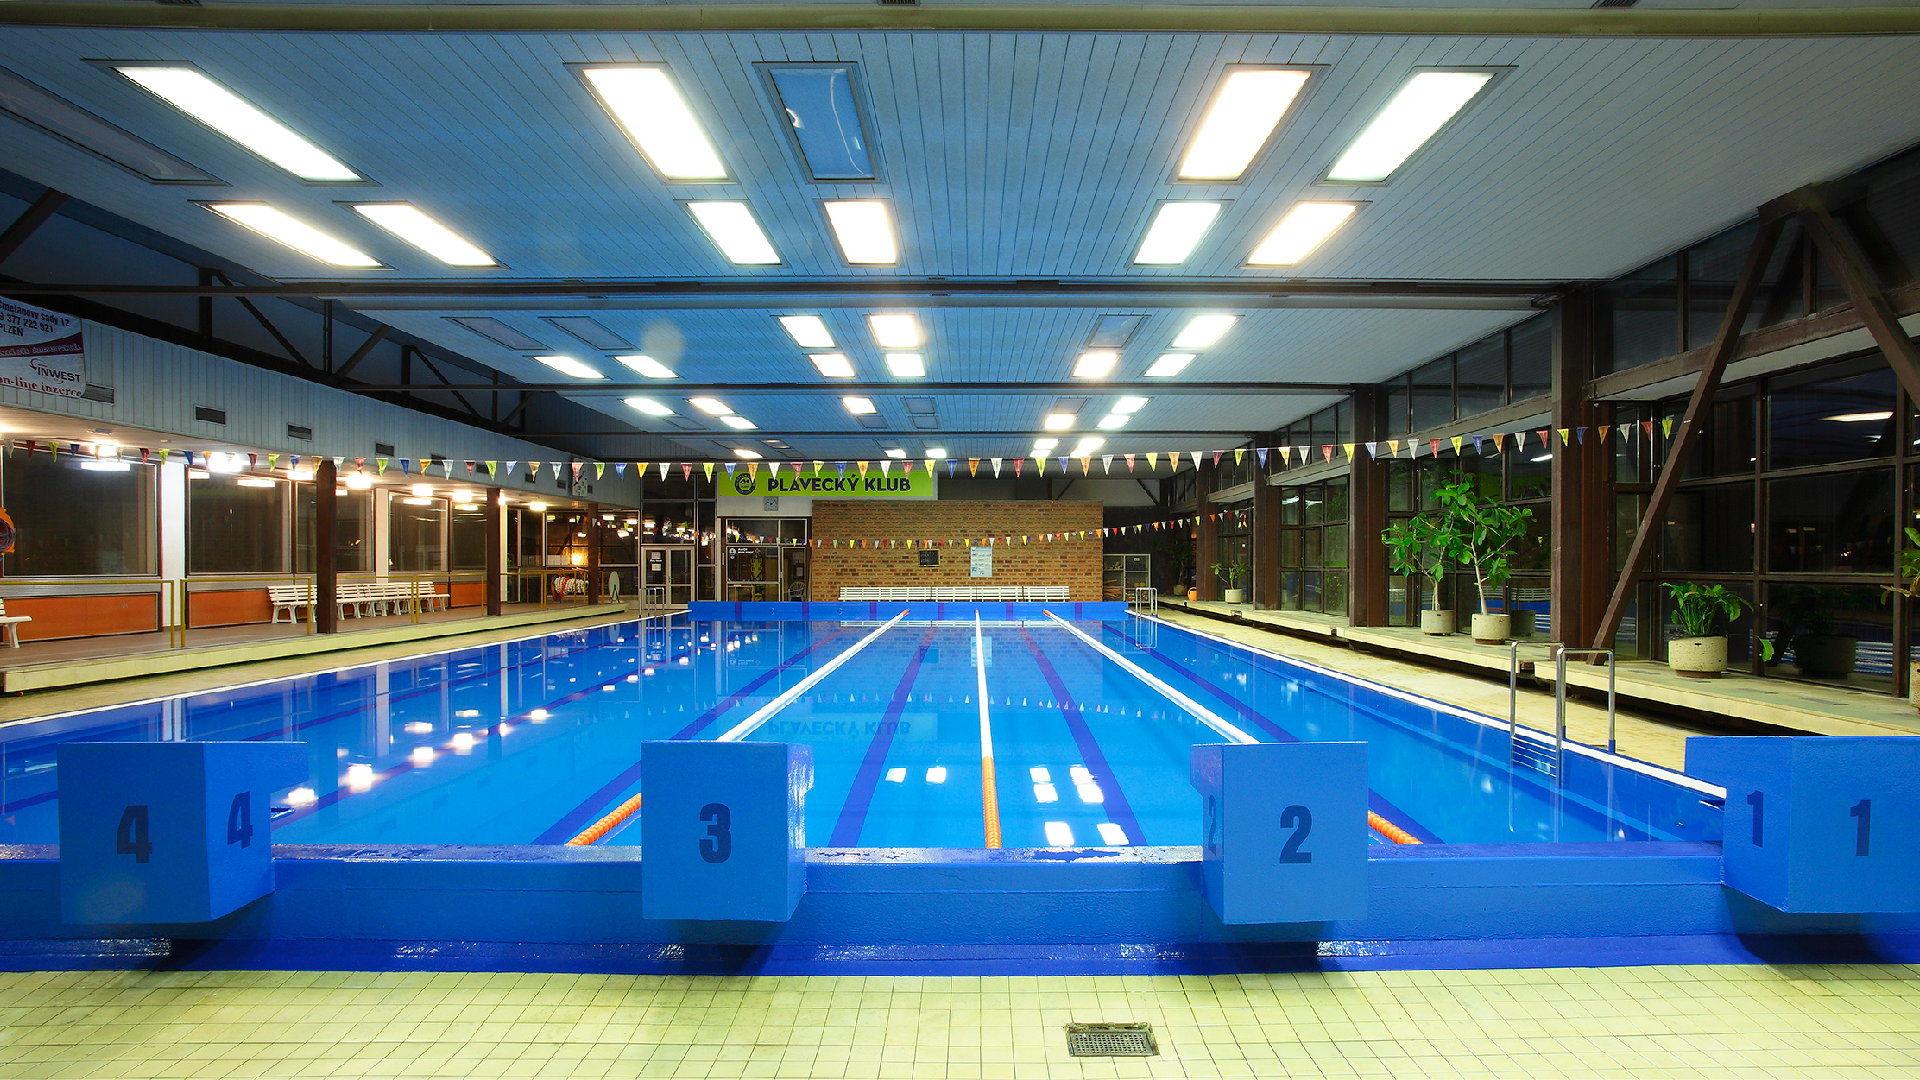 Plavecký bazén Lochotín v Plzni – Průvodce, cvičení, kamera